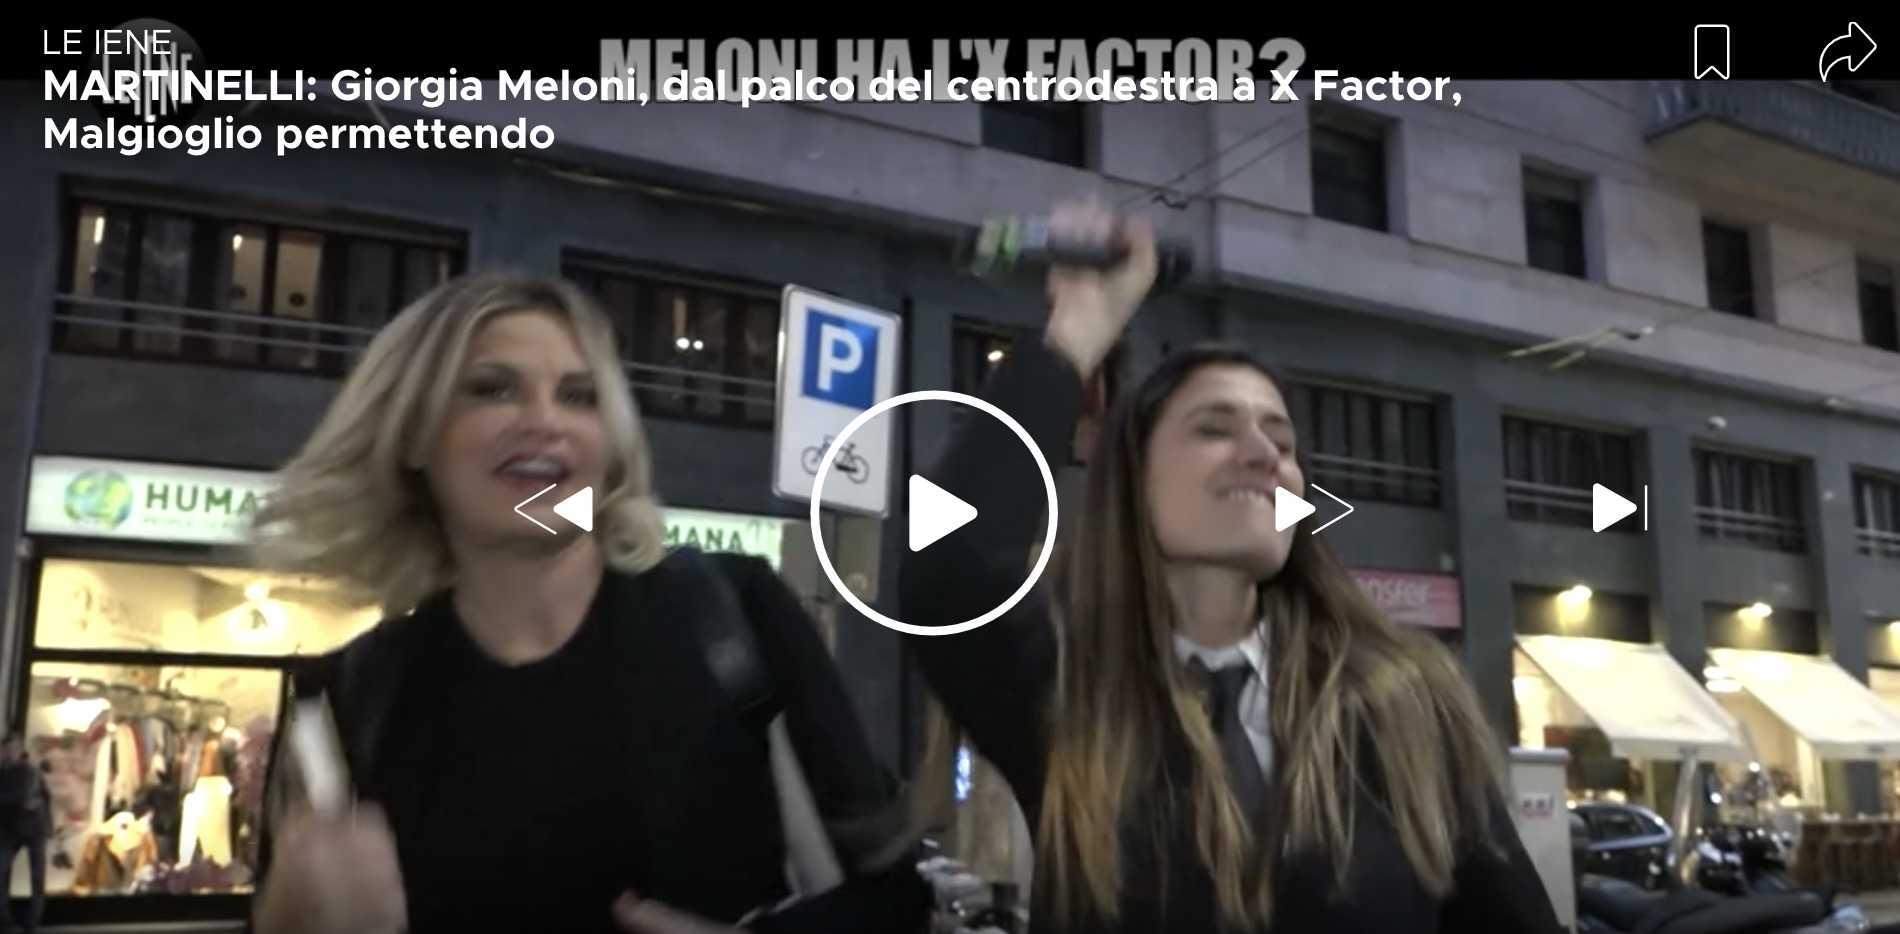 simona Ventura balla Io SOno Giorgia Meloni Le Iene